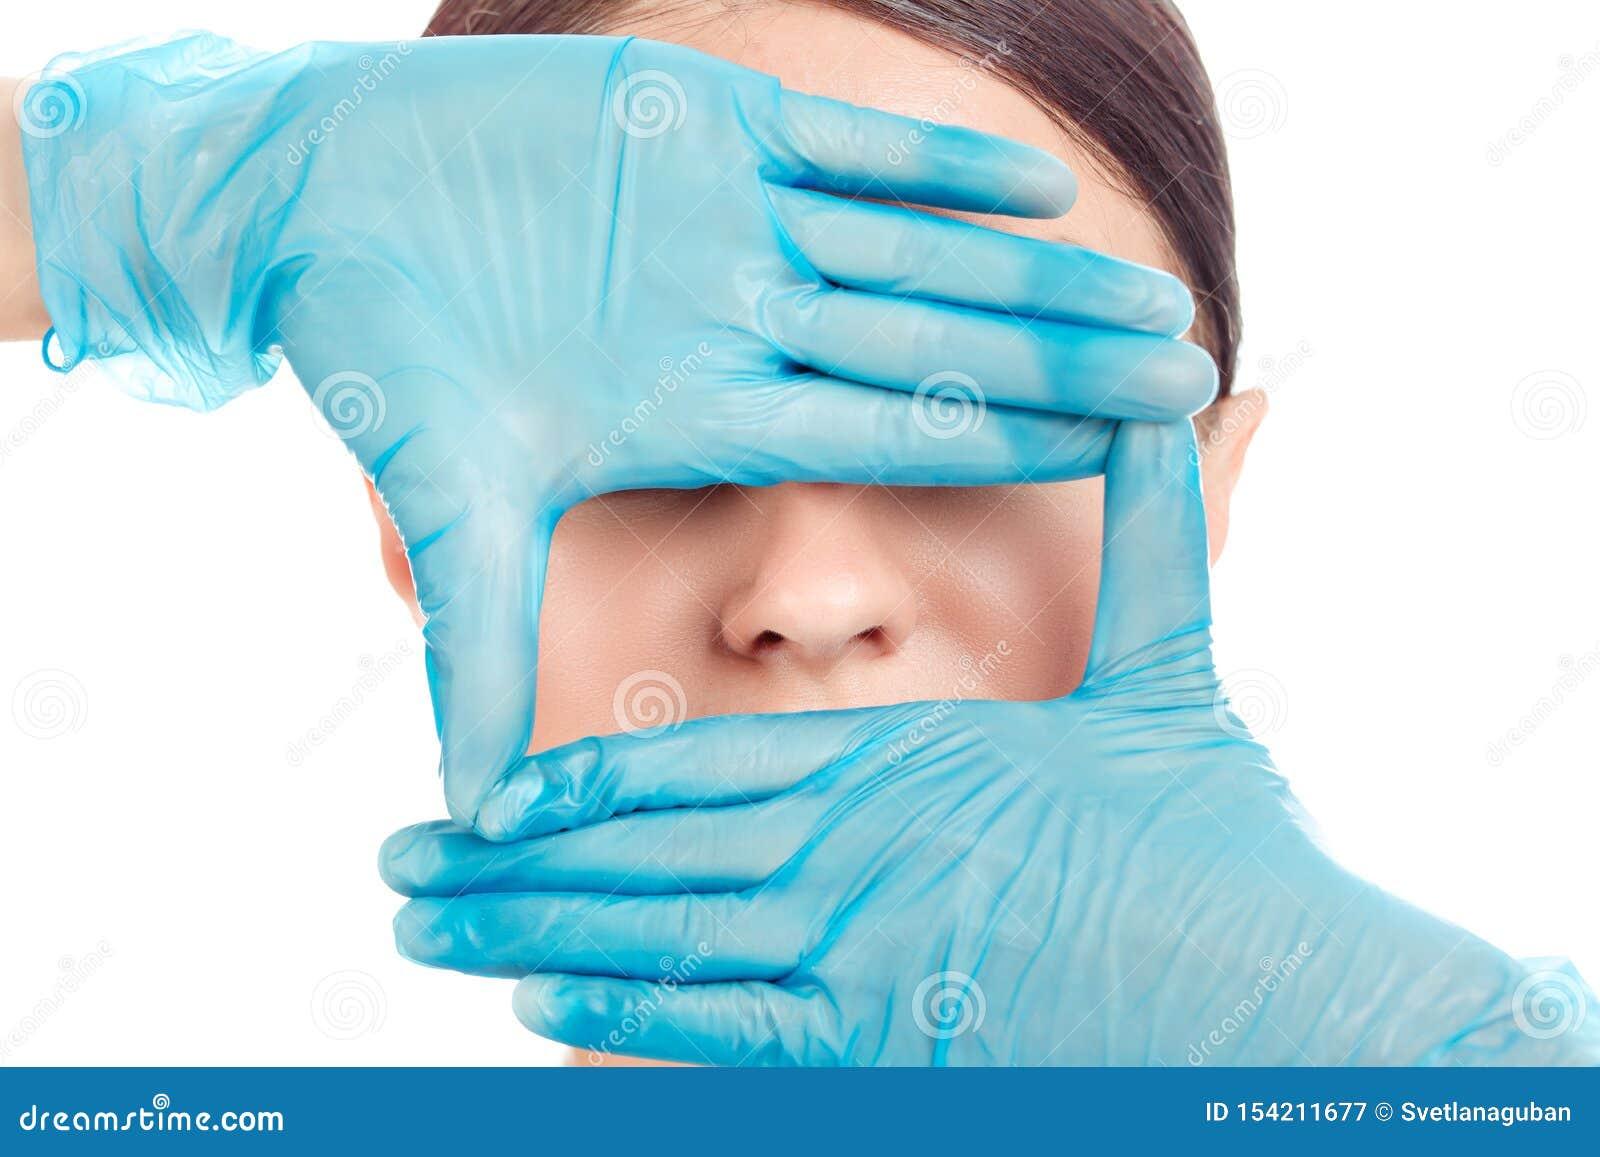 La mujer se est? preparando para la cirug?a de la nariz, fondo blanco